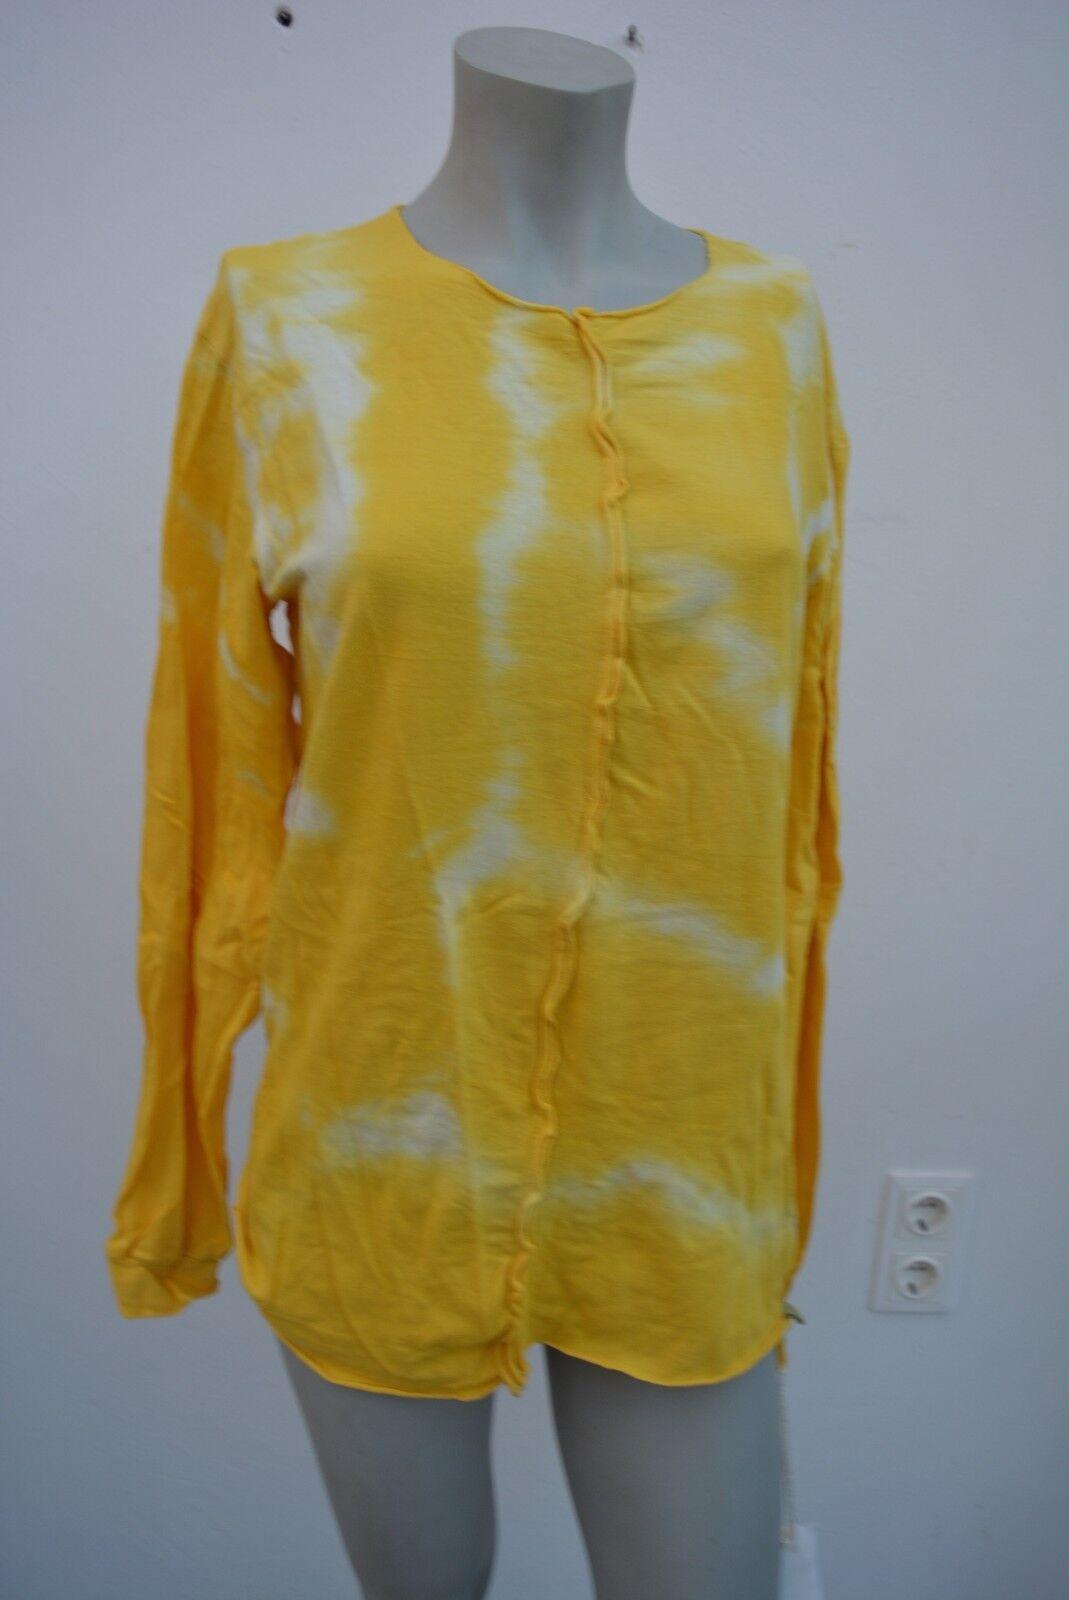 Damen T Shirt Wondrous Das Das Das Werk Vintage Handgemacht Strech gefärbt gelb | Günstigstes  | Qualität  | Reichhaltiges Design  | Haltbarkeit  | Bekannt für seine hervorragende Qualität  ac9b75